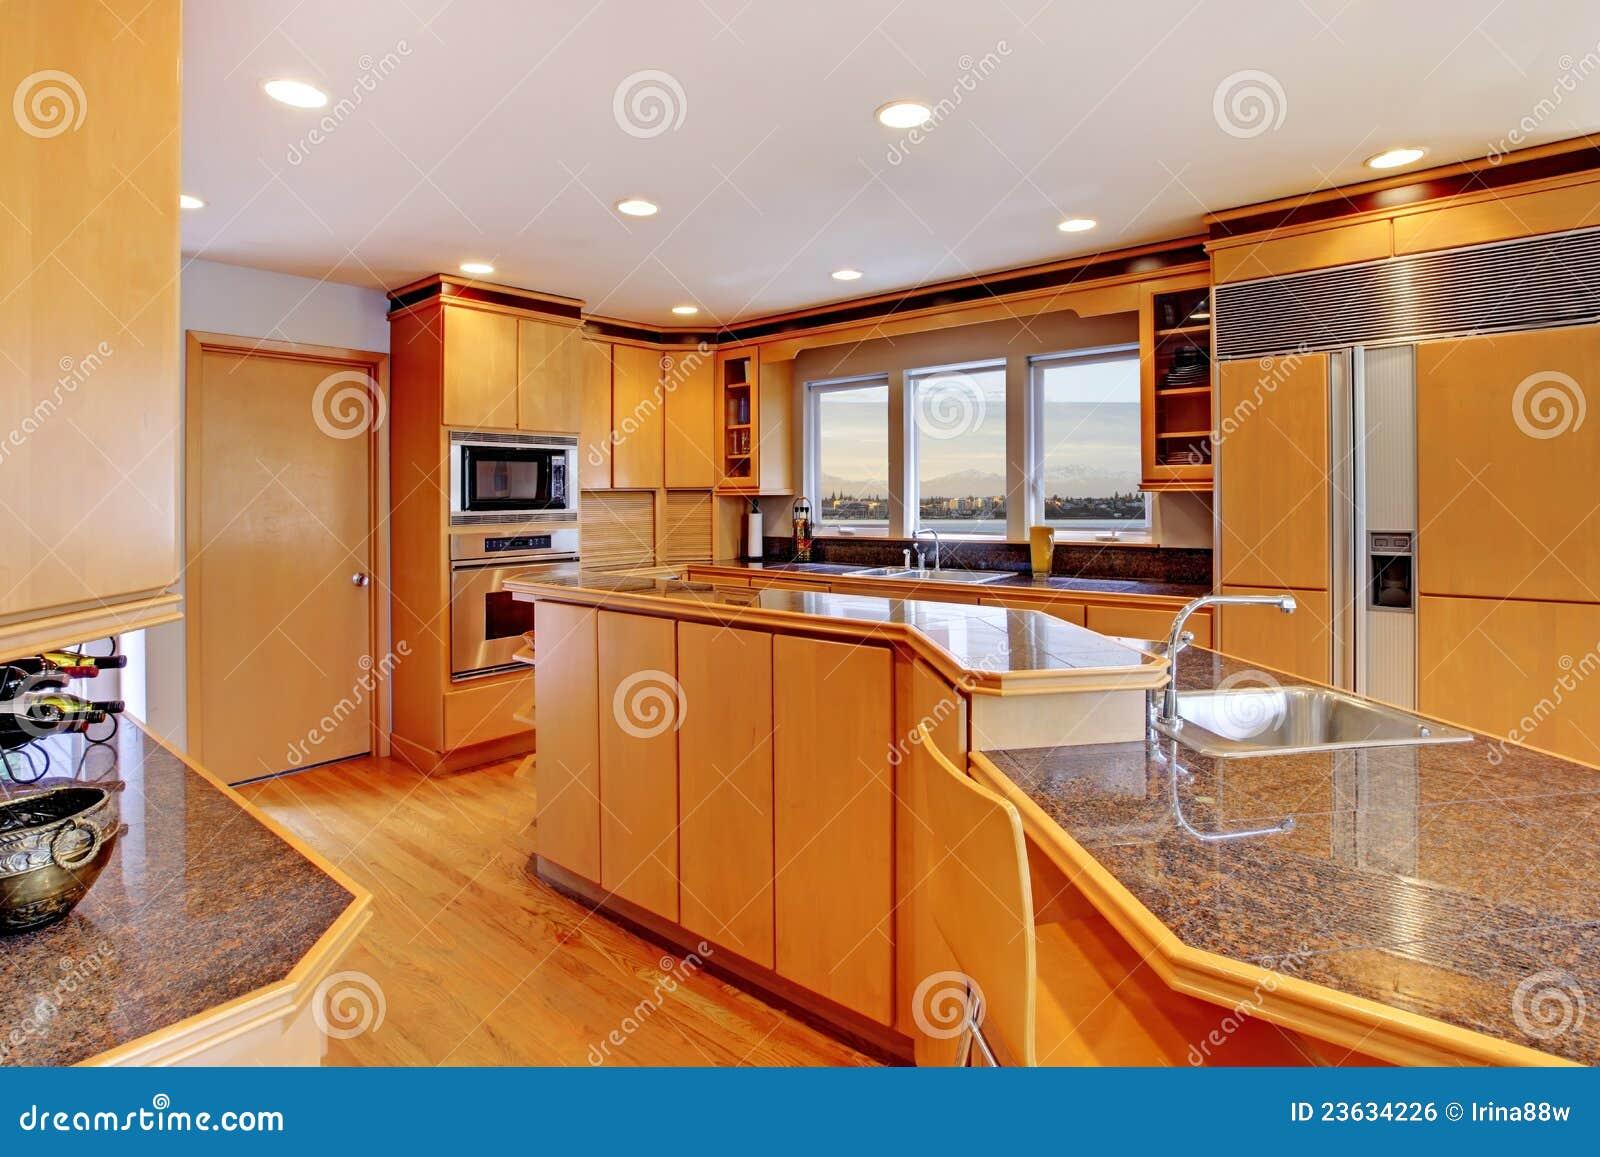 Grote Luxe Moderne Houten Keuken. Royalty-vrije Stock Afbeelding ...